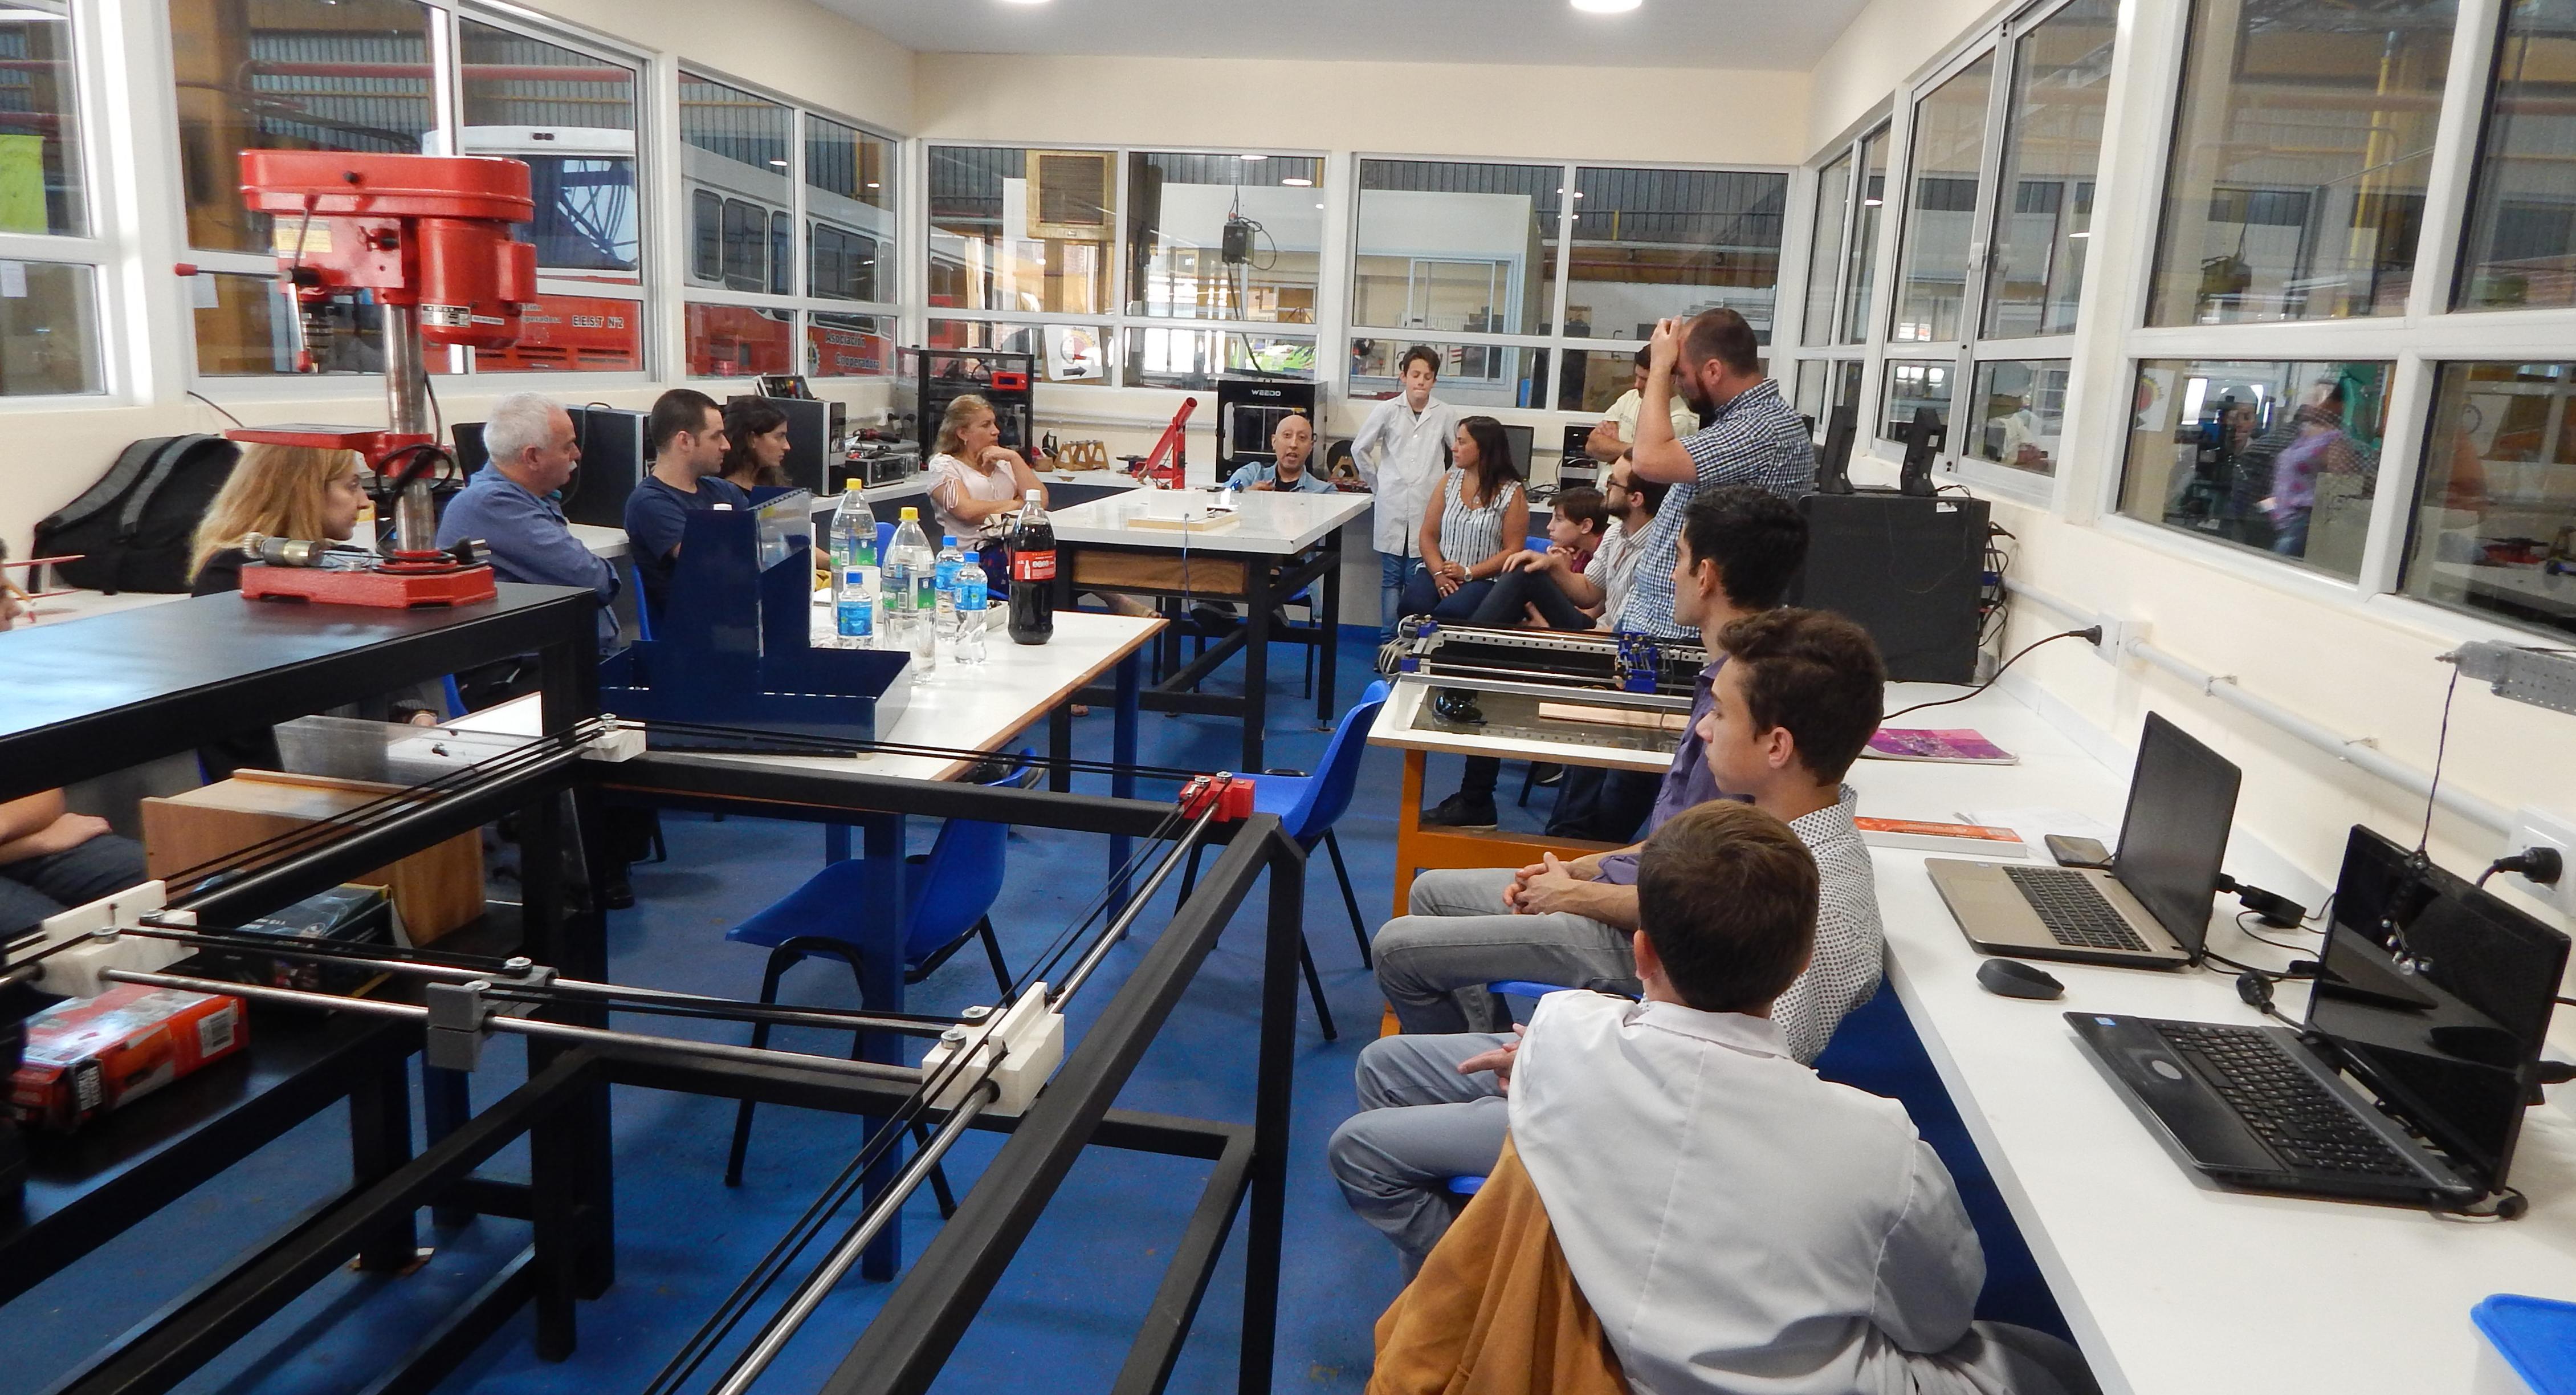 La Escuela de Educación Técnica del país vive un proceso de responder a las demanda de la industria del futuro